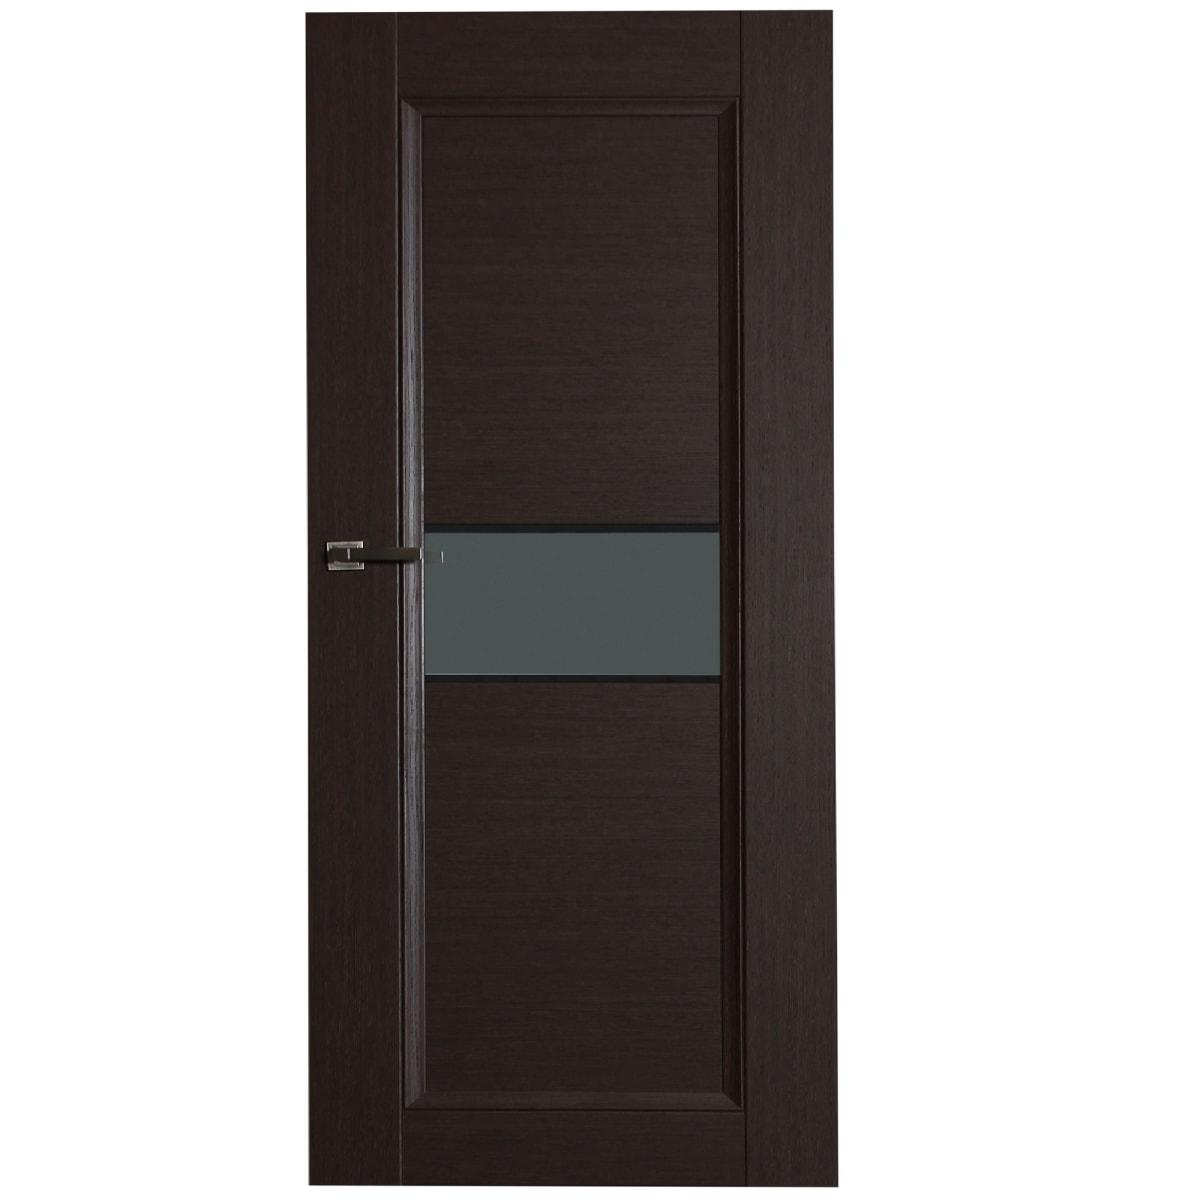 Дверь межкомнатная остеклённая Конкорд cpl 70x200 см цвет черный дуб